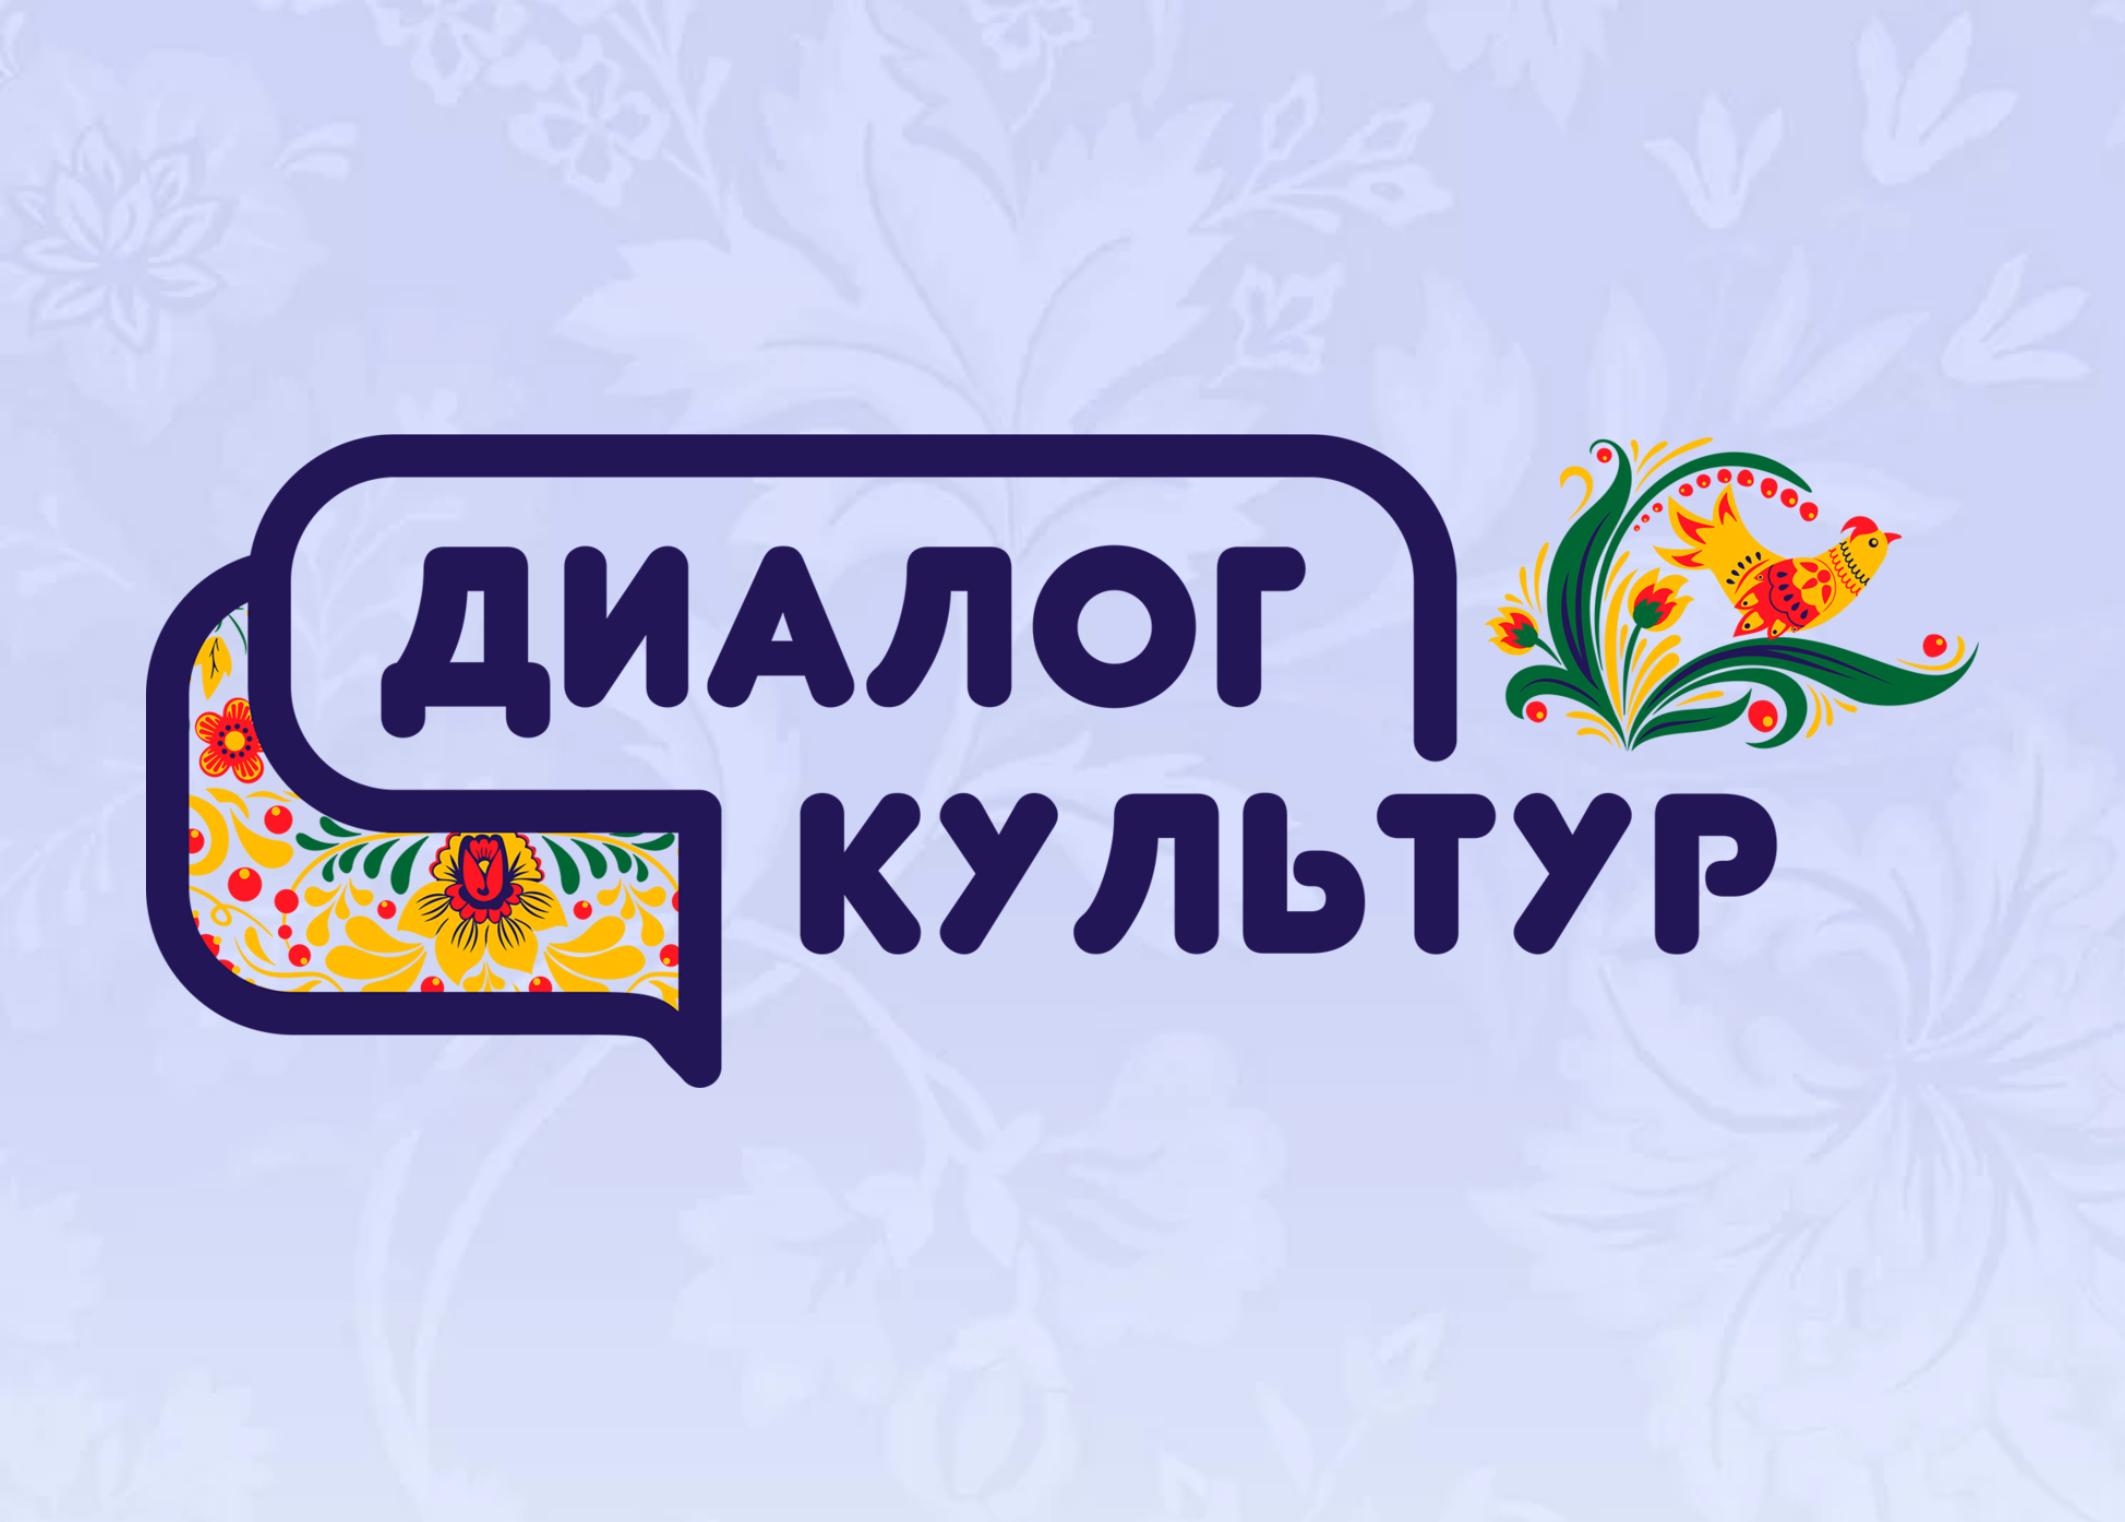 В России объявлен молодежный этнокультурный конкурс «Диалог культур»